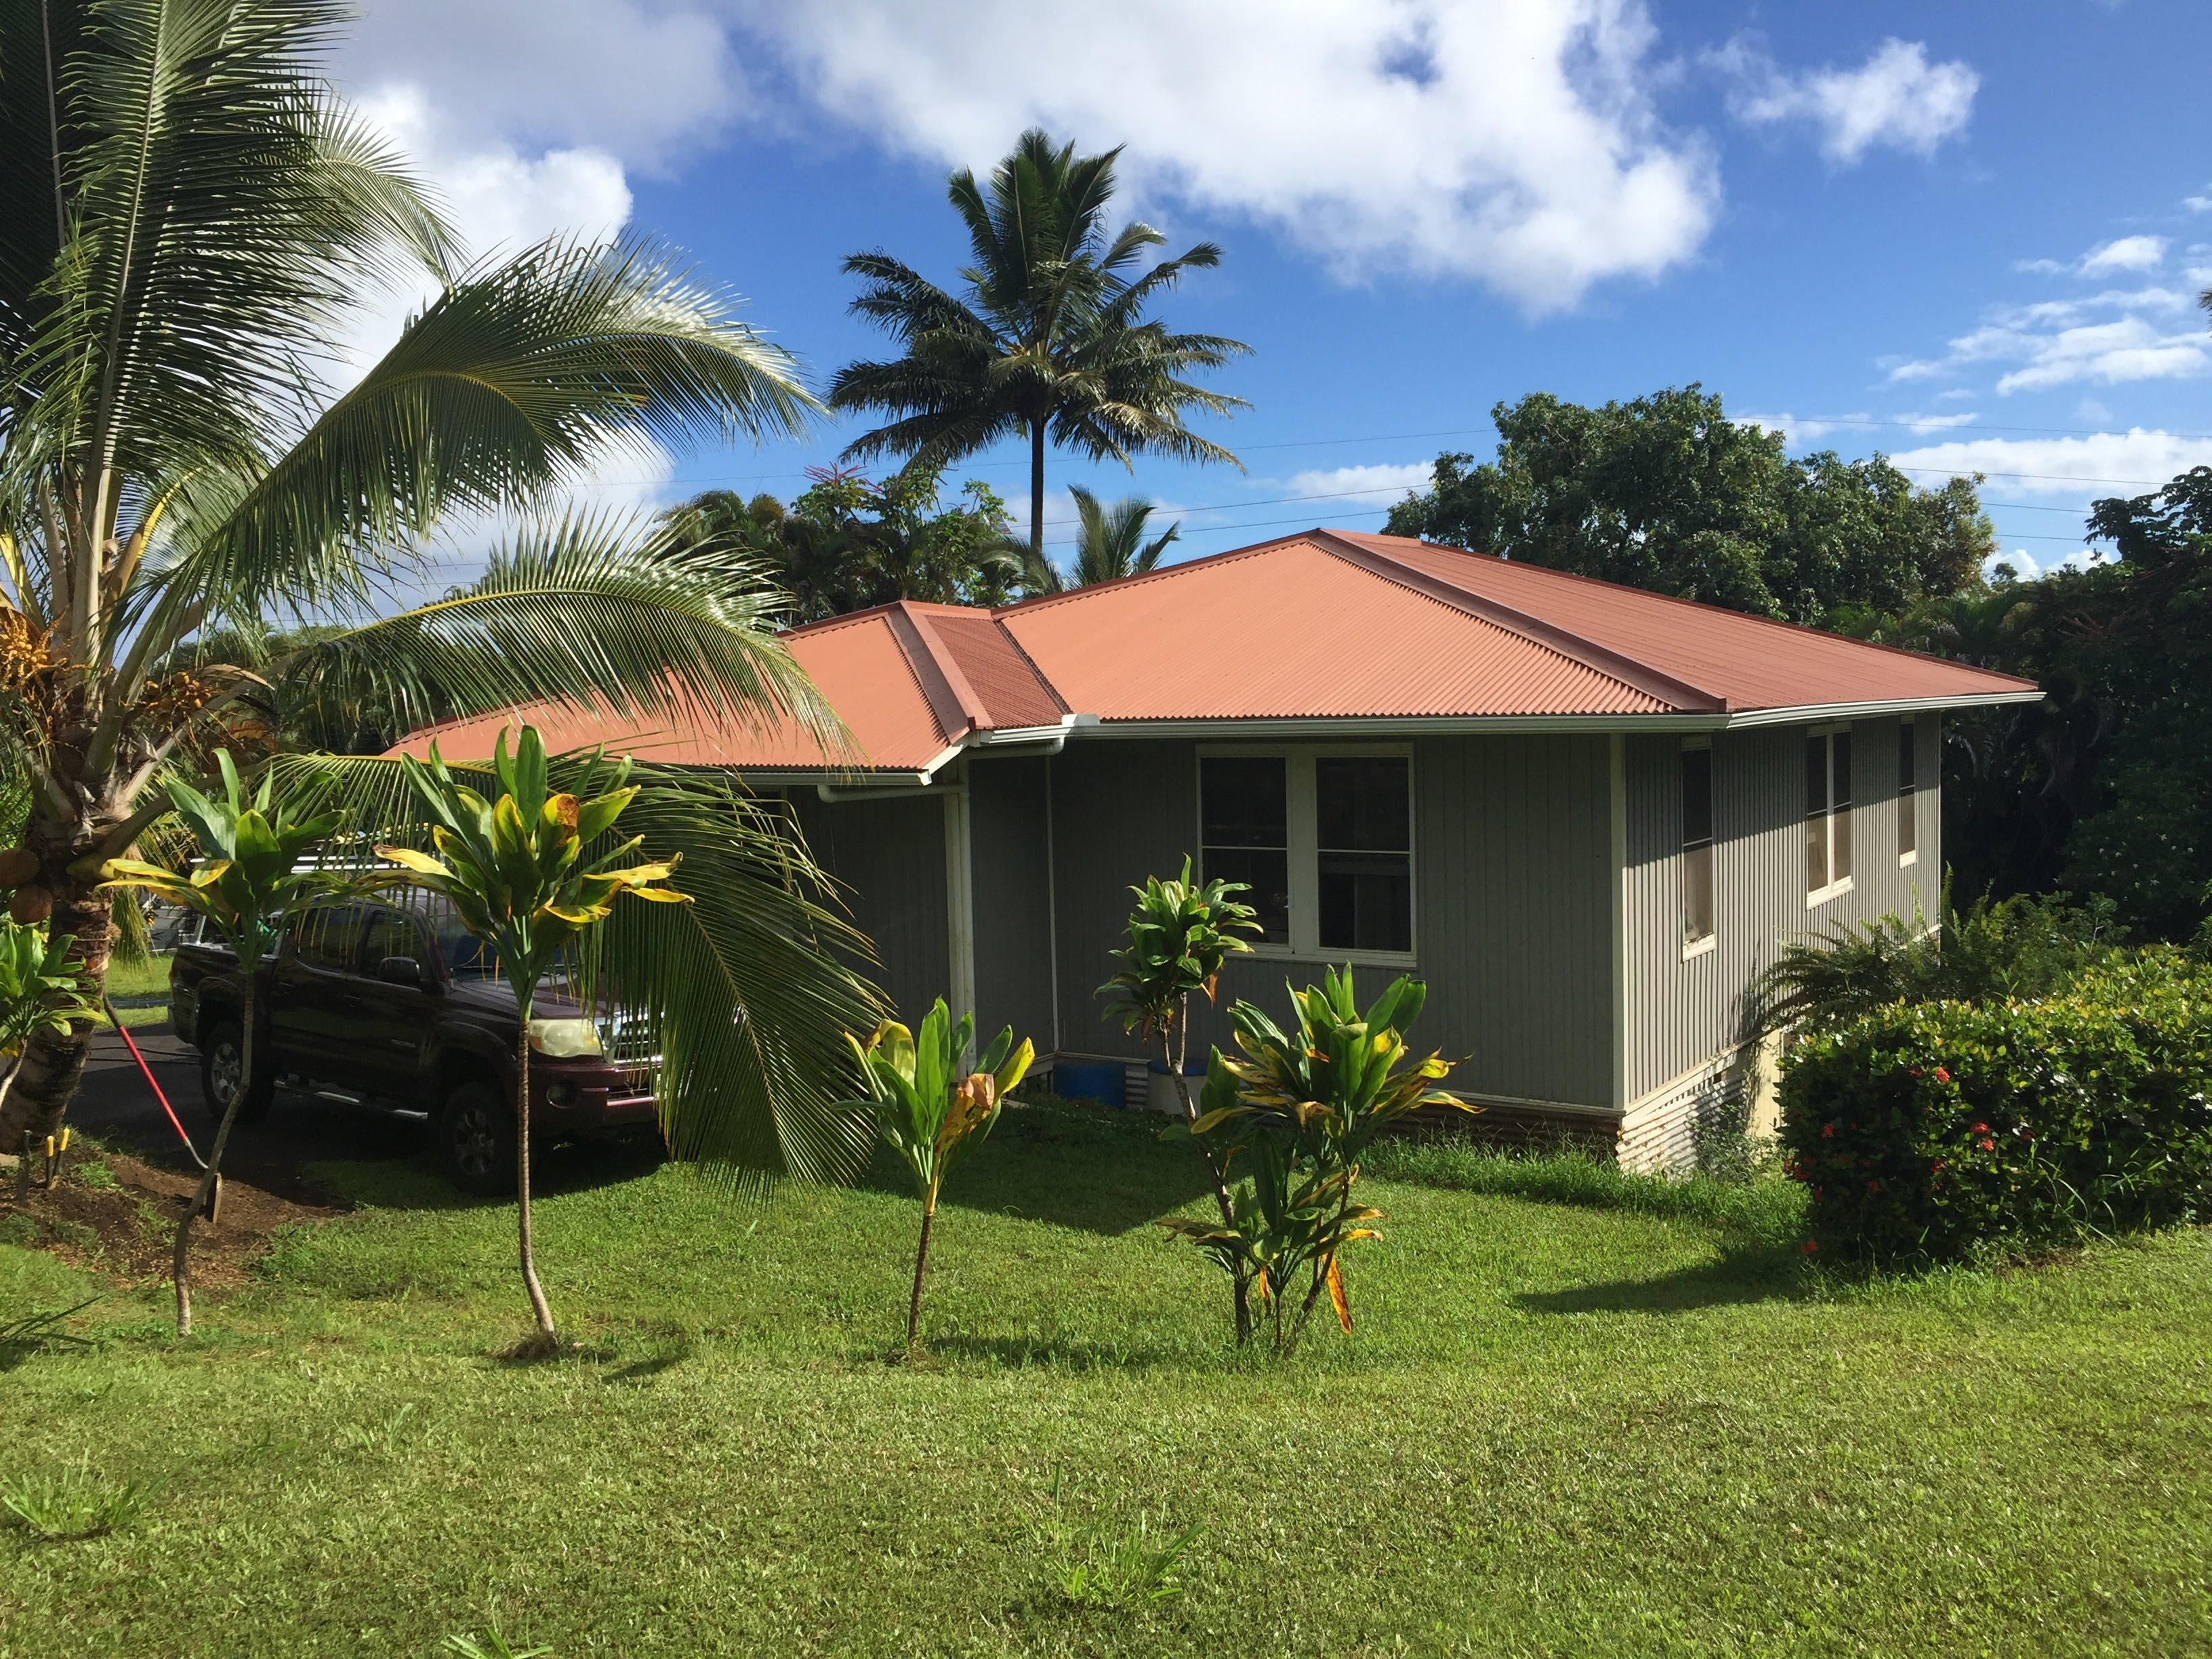 hawaii, orchidlands, hawaiian paradise park, hilo, waikoloa, kona, waimea, kailua-kona